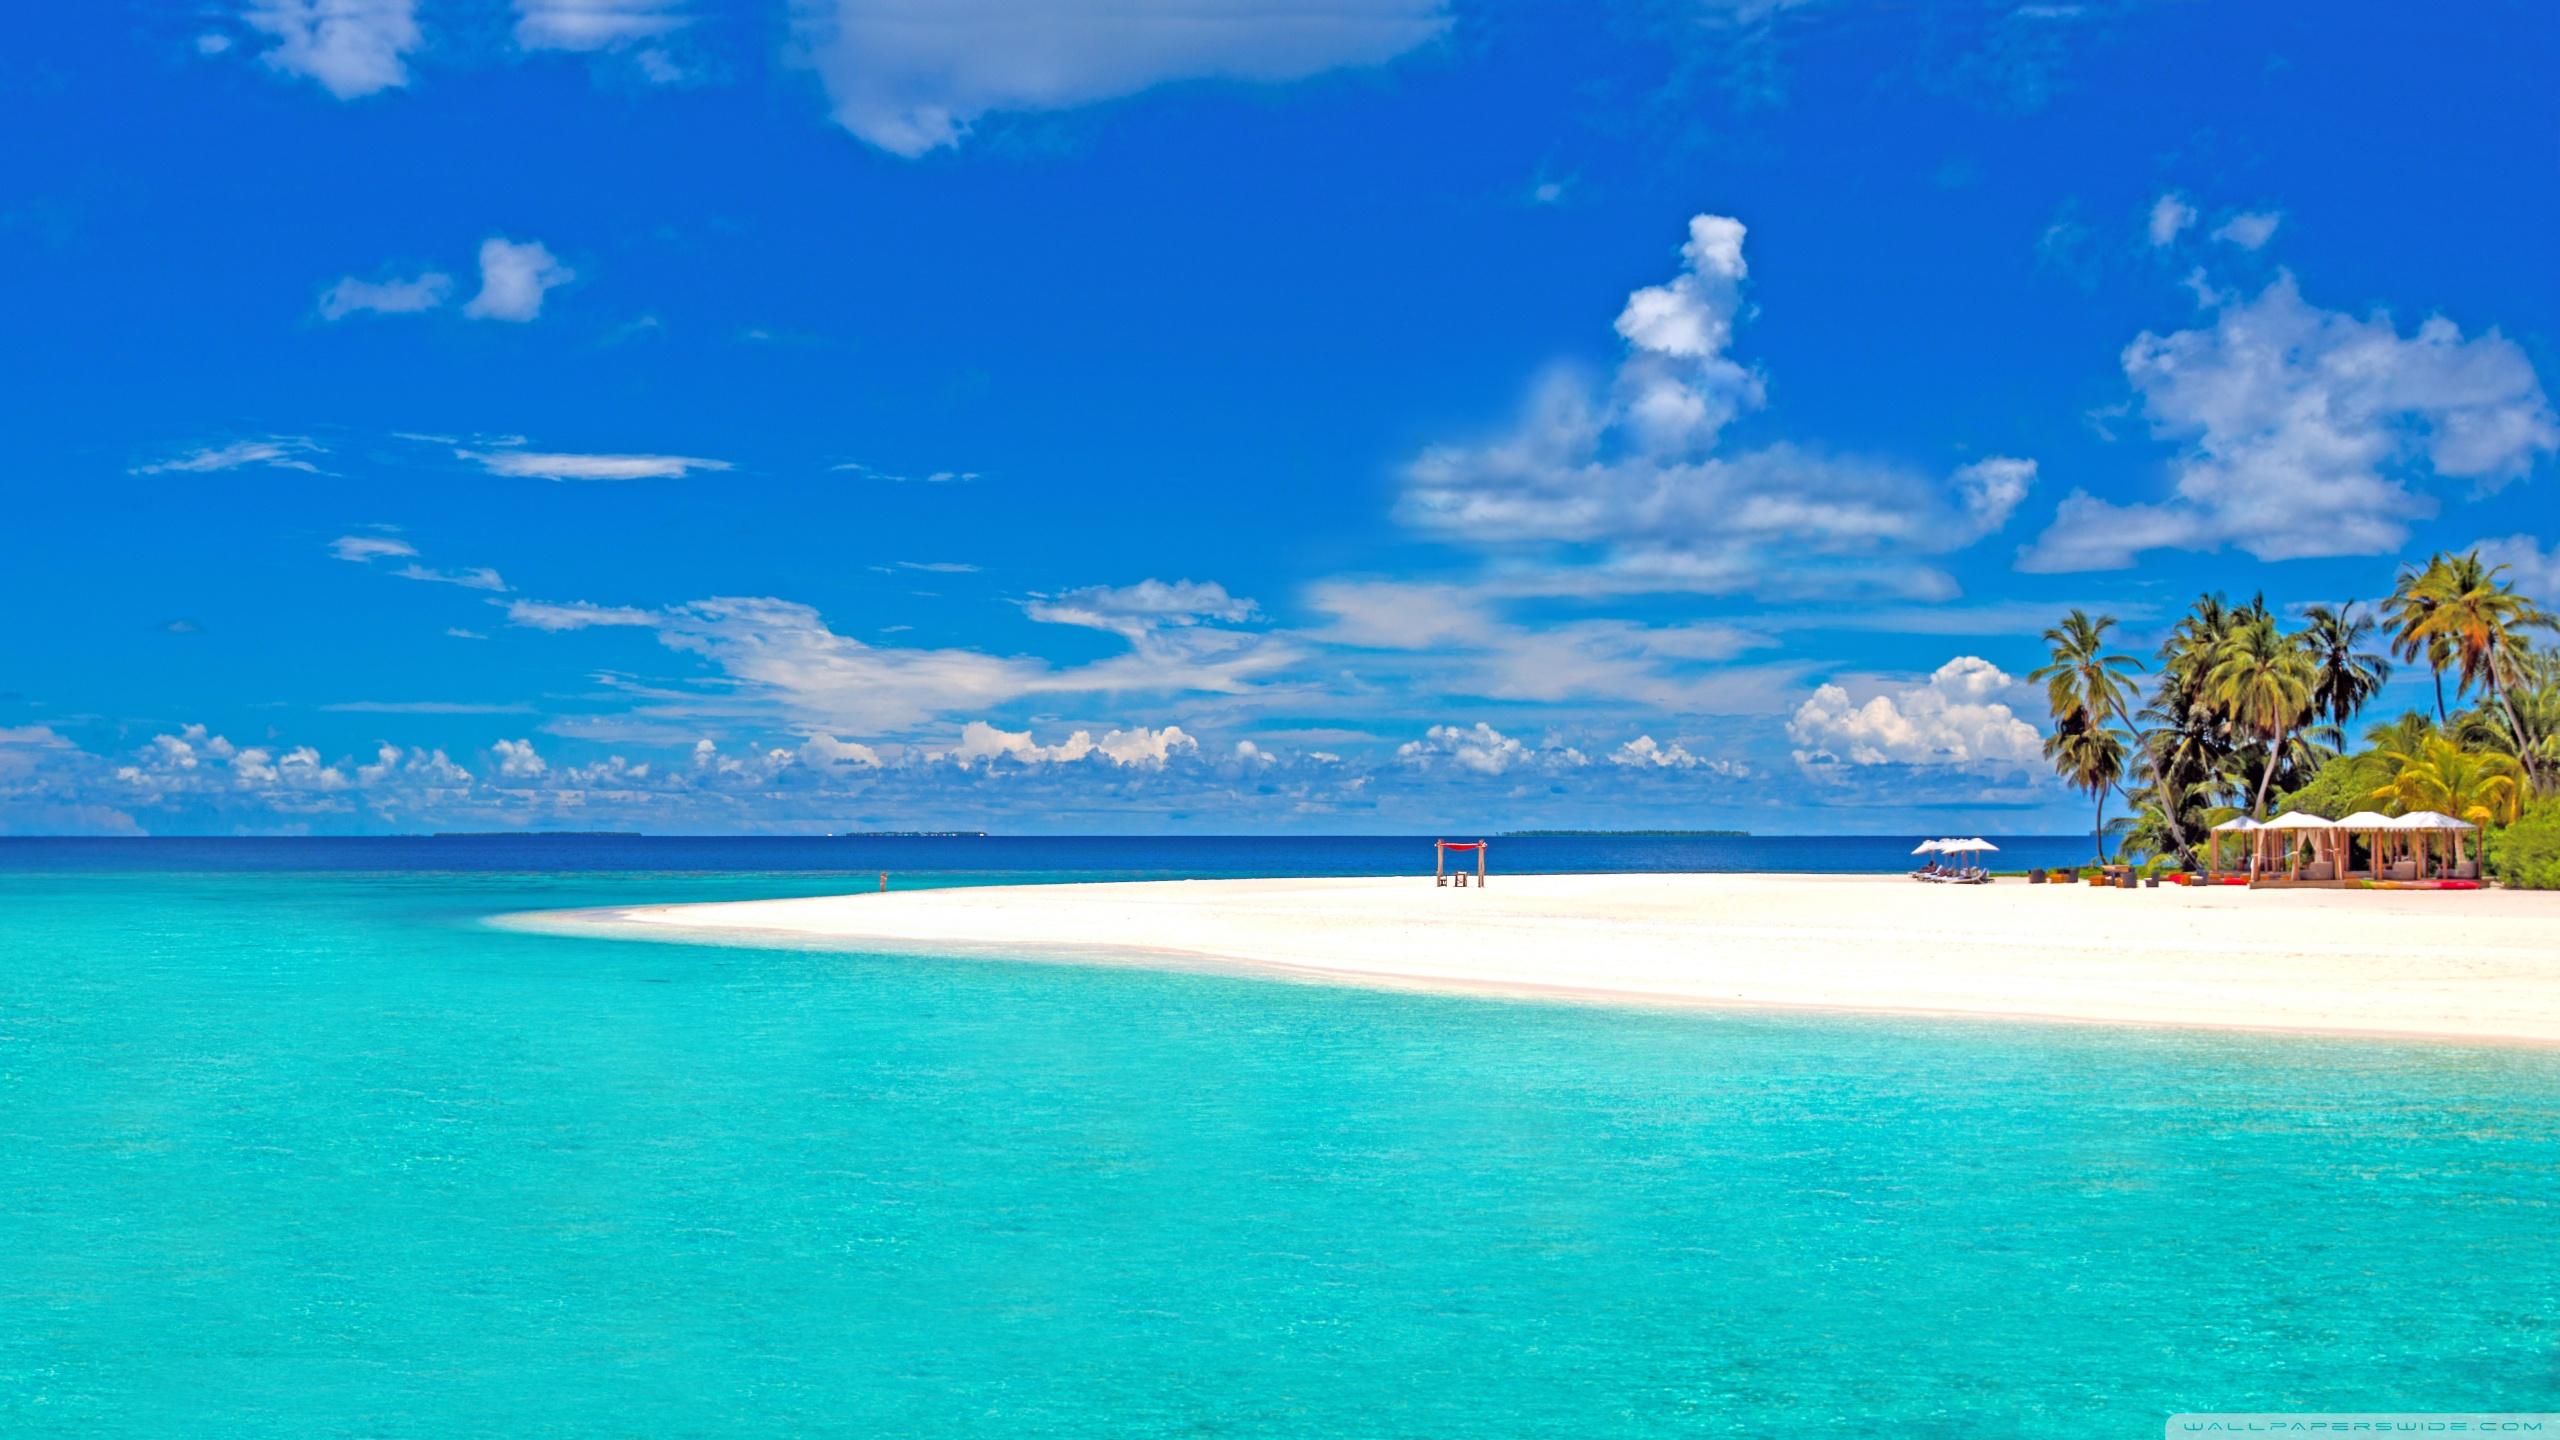 остров белый песок